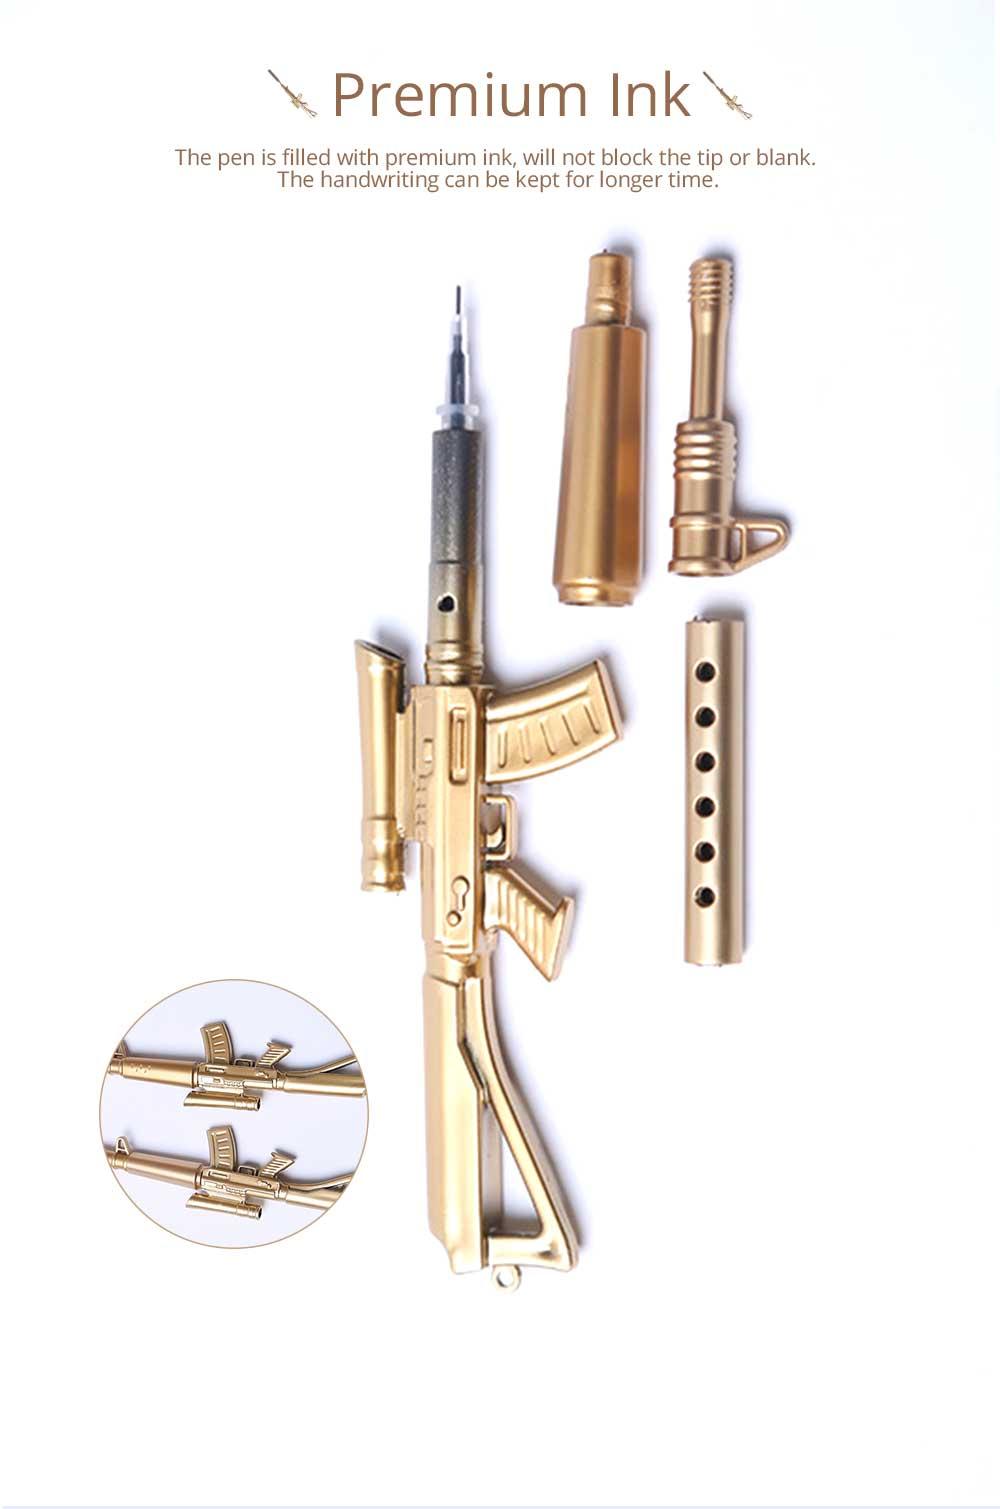 Cool Pen - Sniper Rifle Sculpt Black Neutral Pen, Unique Pen for Gifts 6